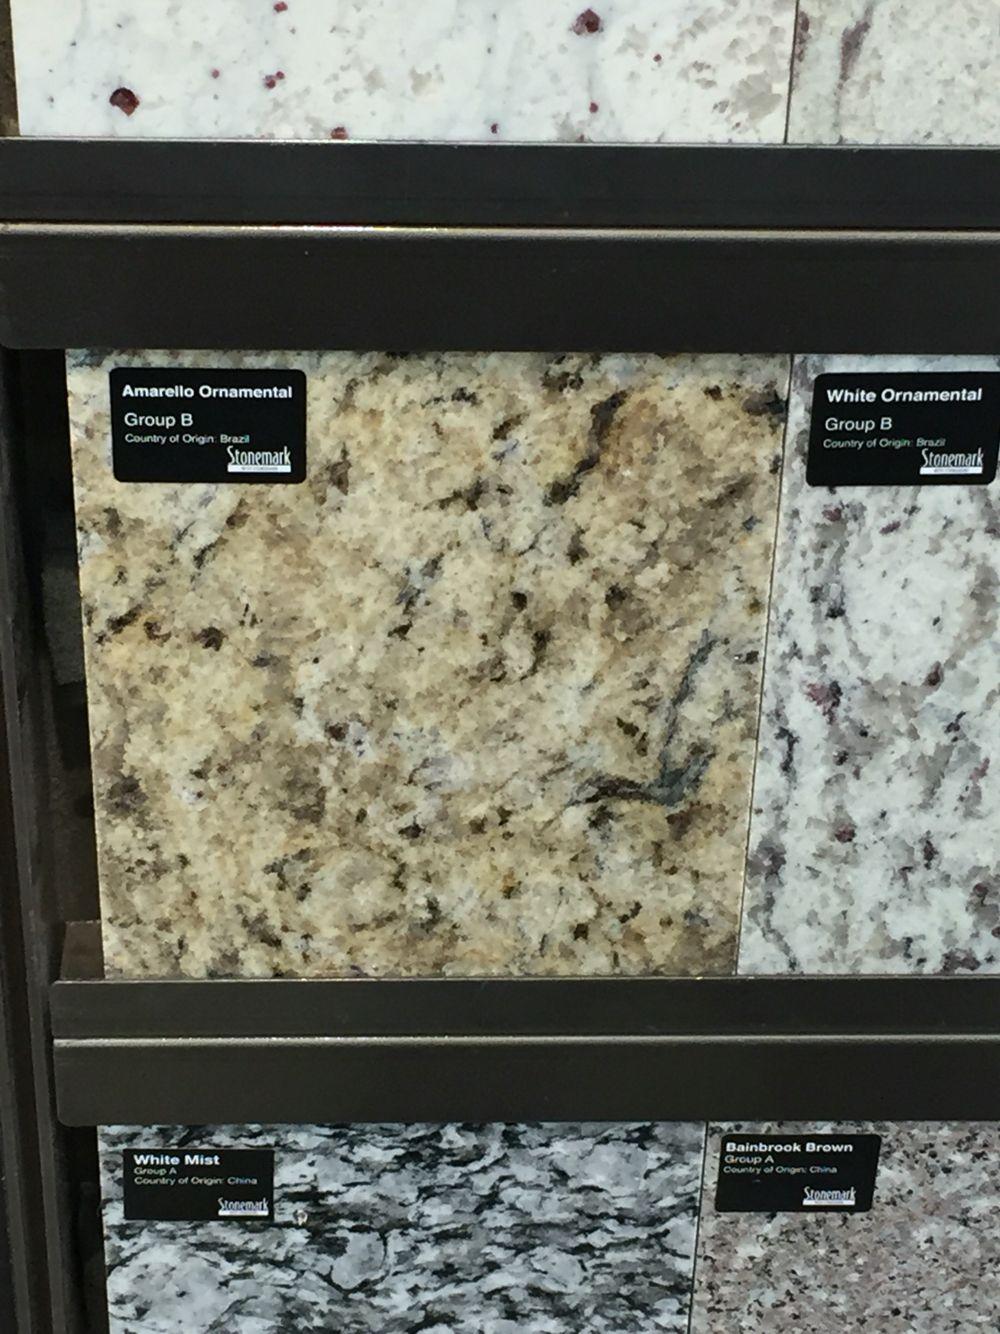 Amarillo Ornamental Granite From Home Depot